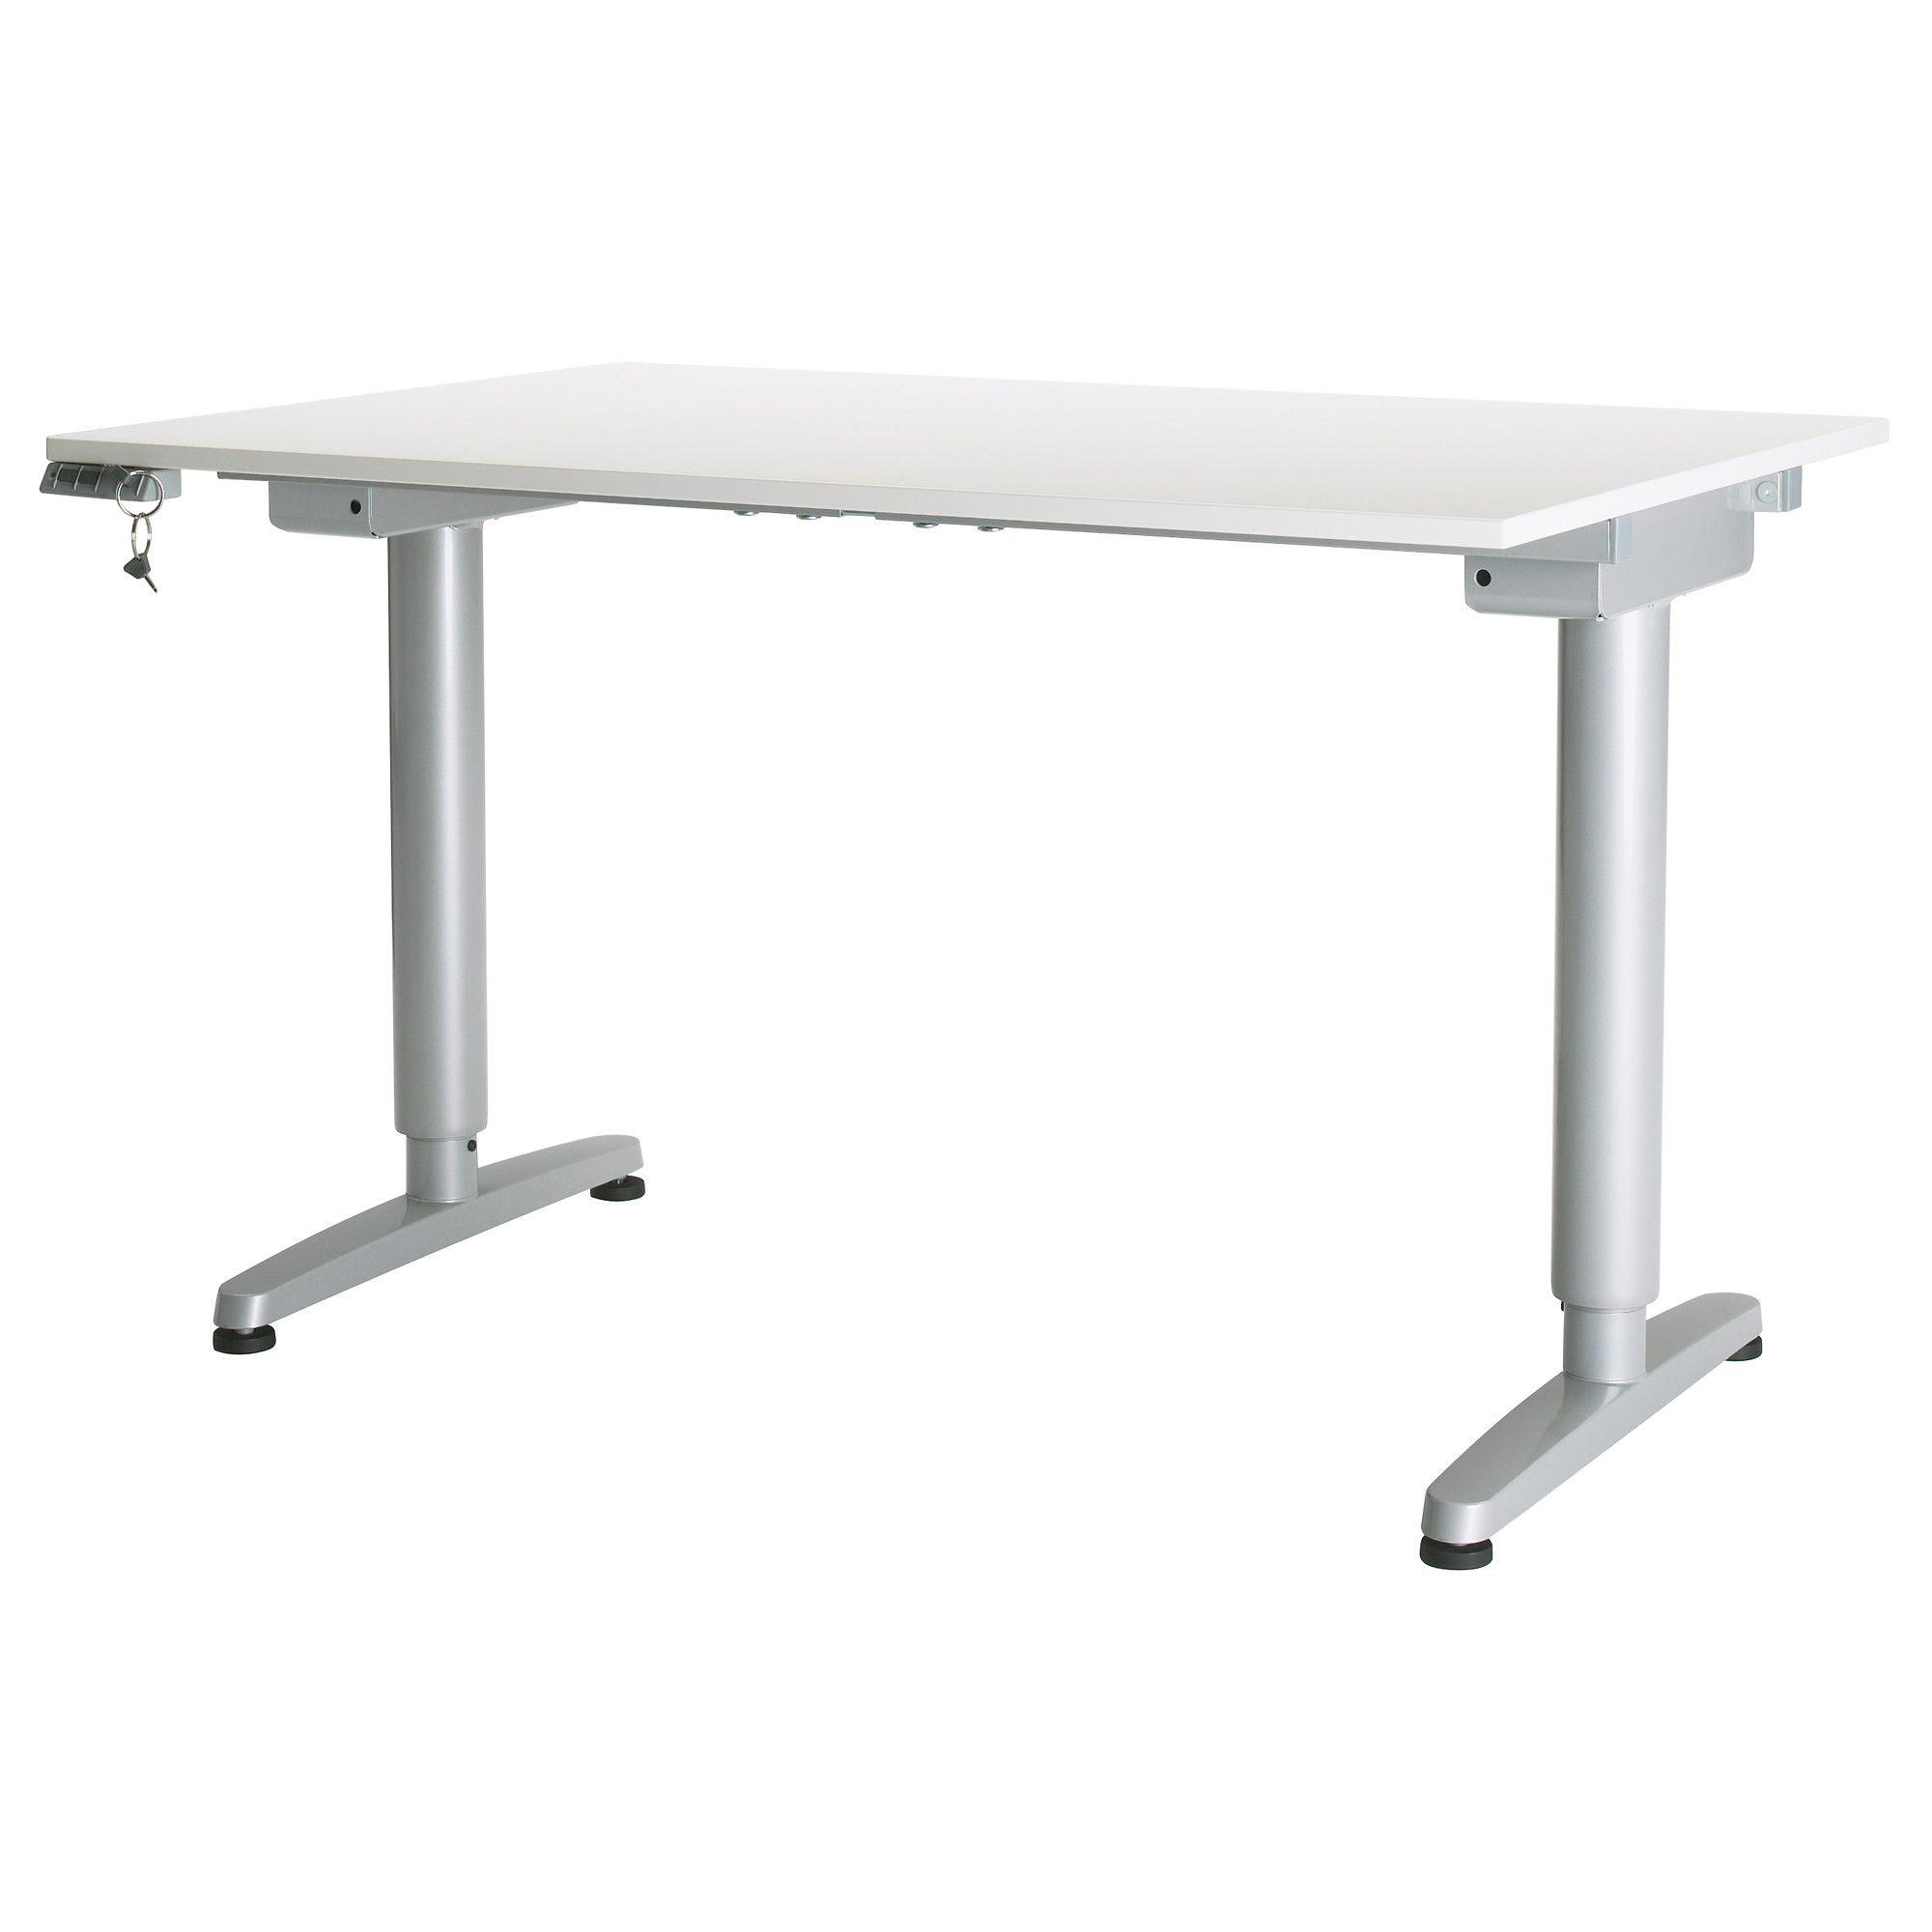 Ikea Galant Schreibtisch galant schreibtisch sitz steh weiß ikea nähzimmer